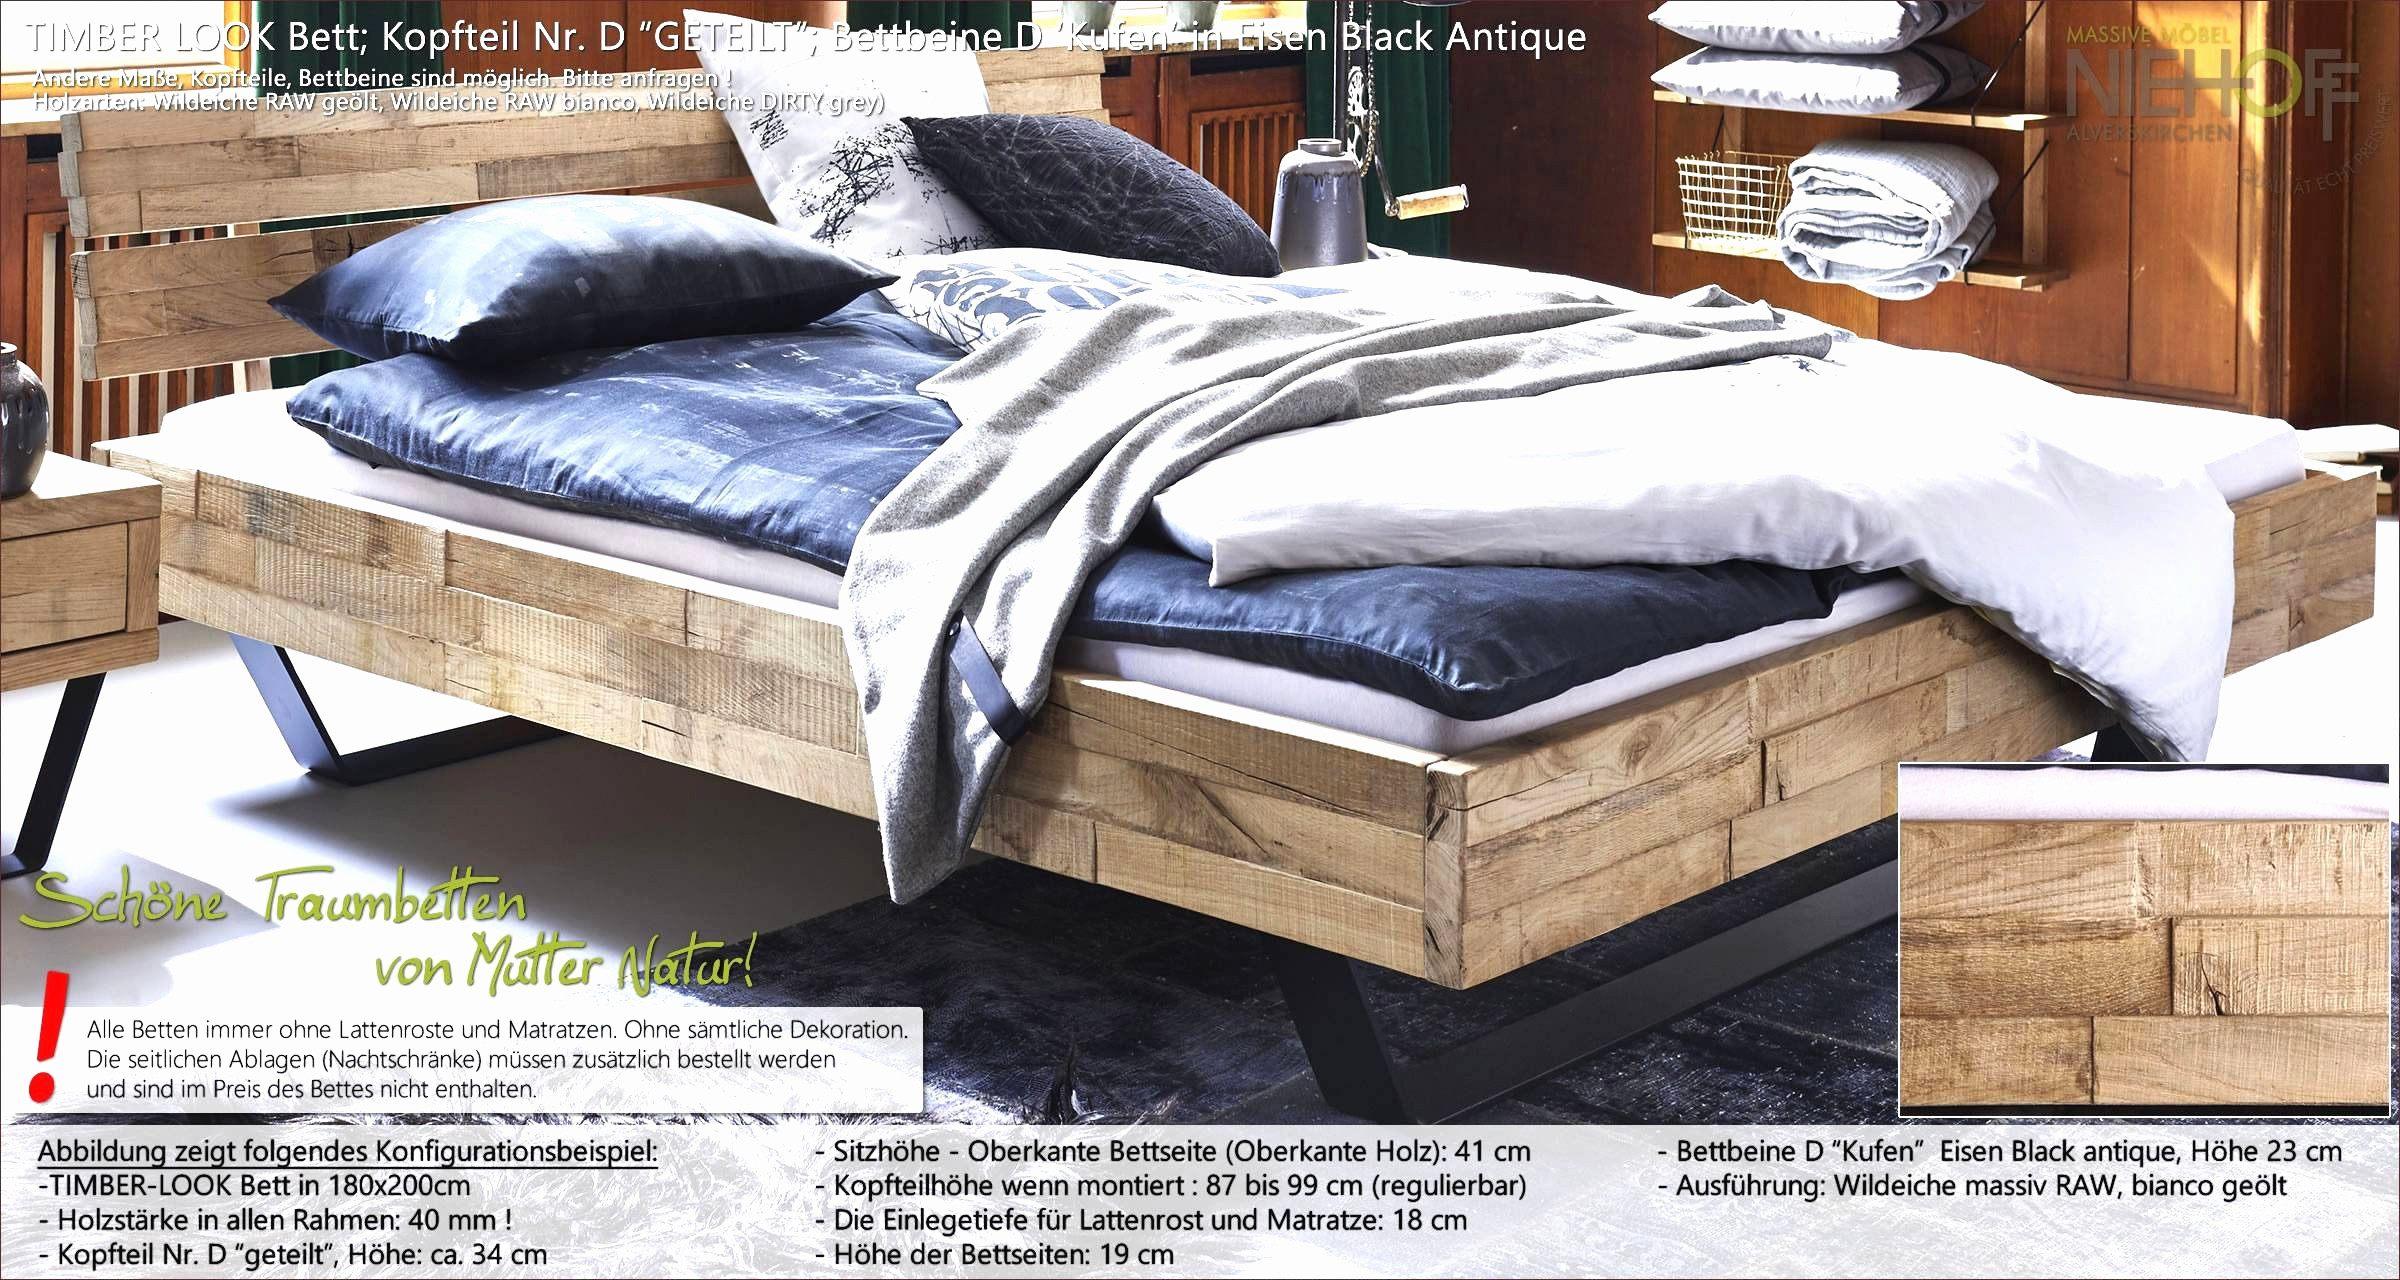 Lit Metal 160×200 Nouveau Lit Metal 160×200 Bettgestell 160—200 Komfort Neu Bett 160—200